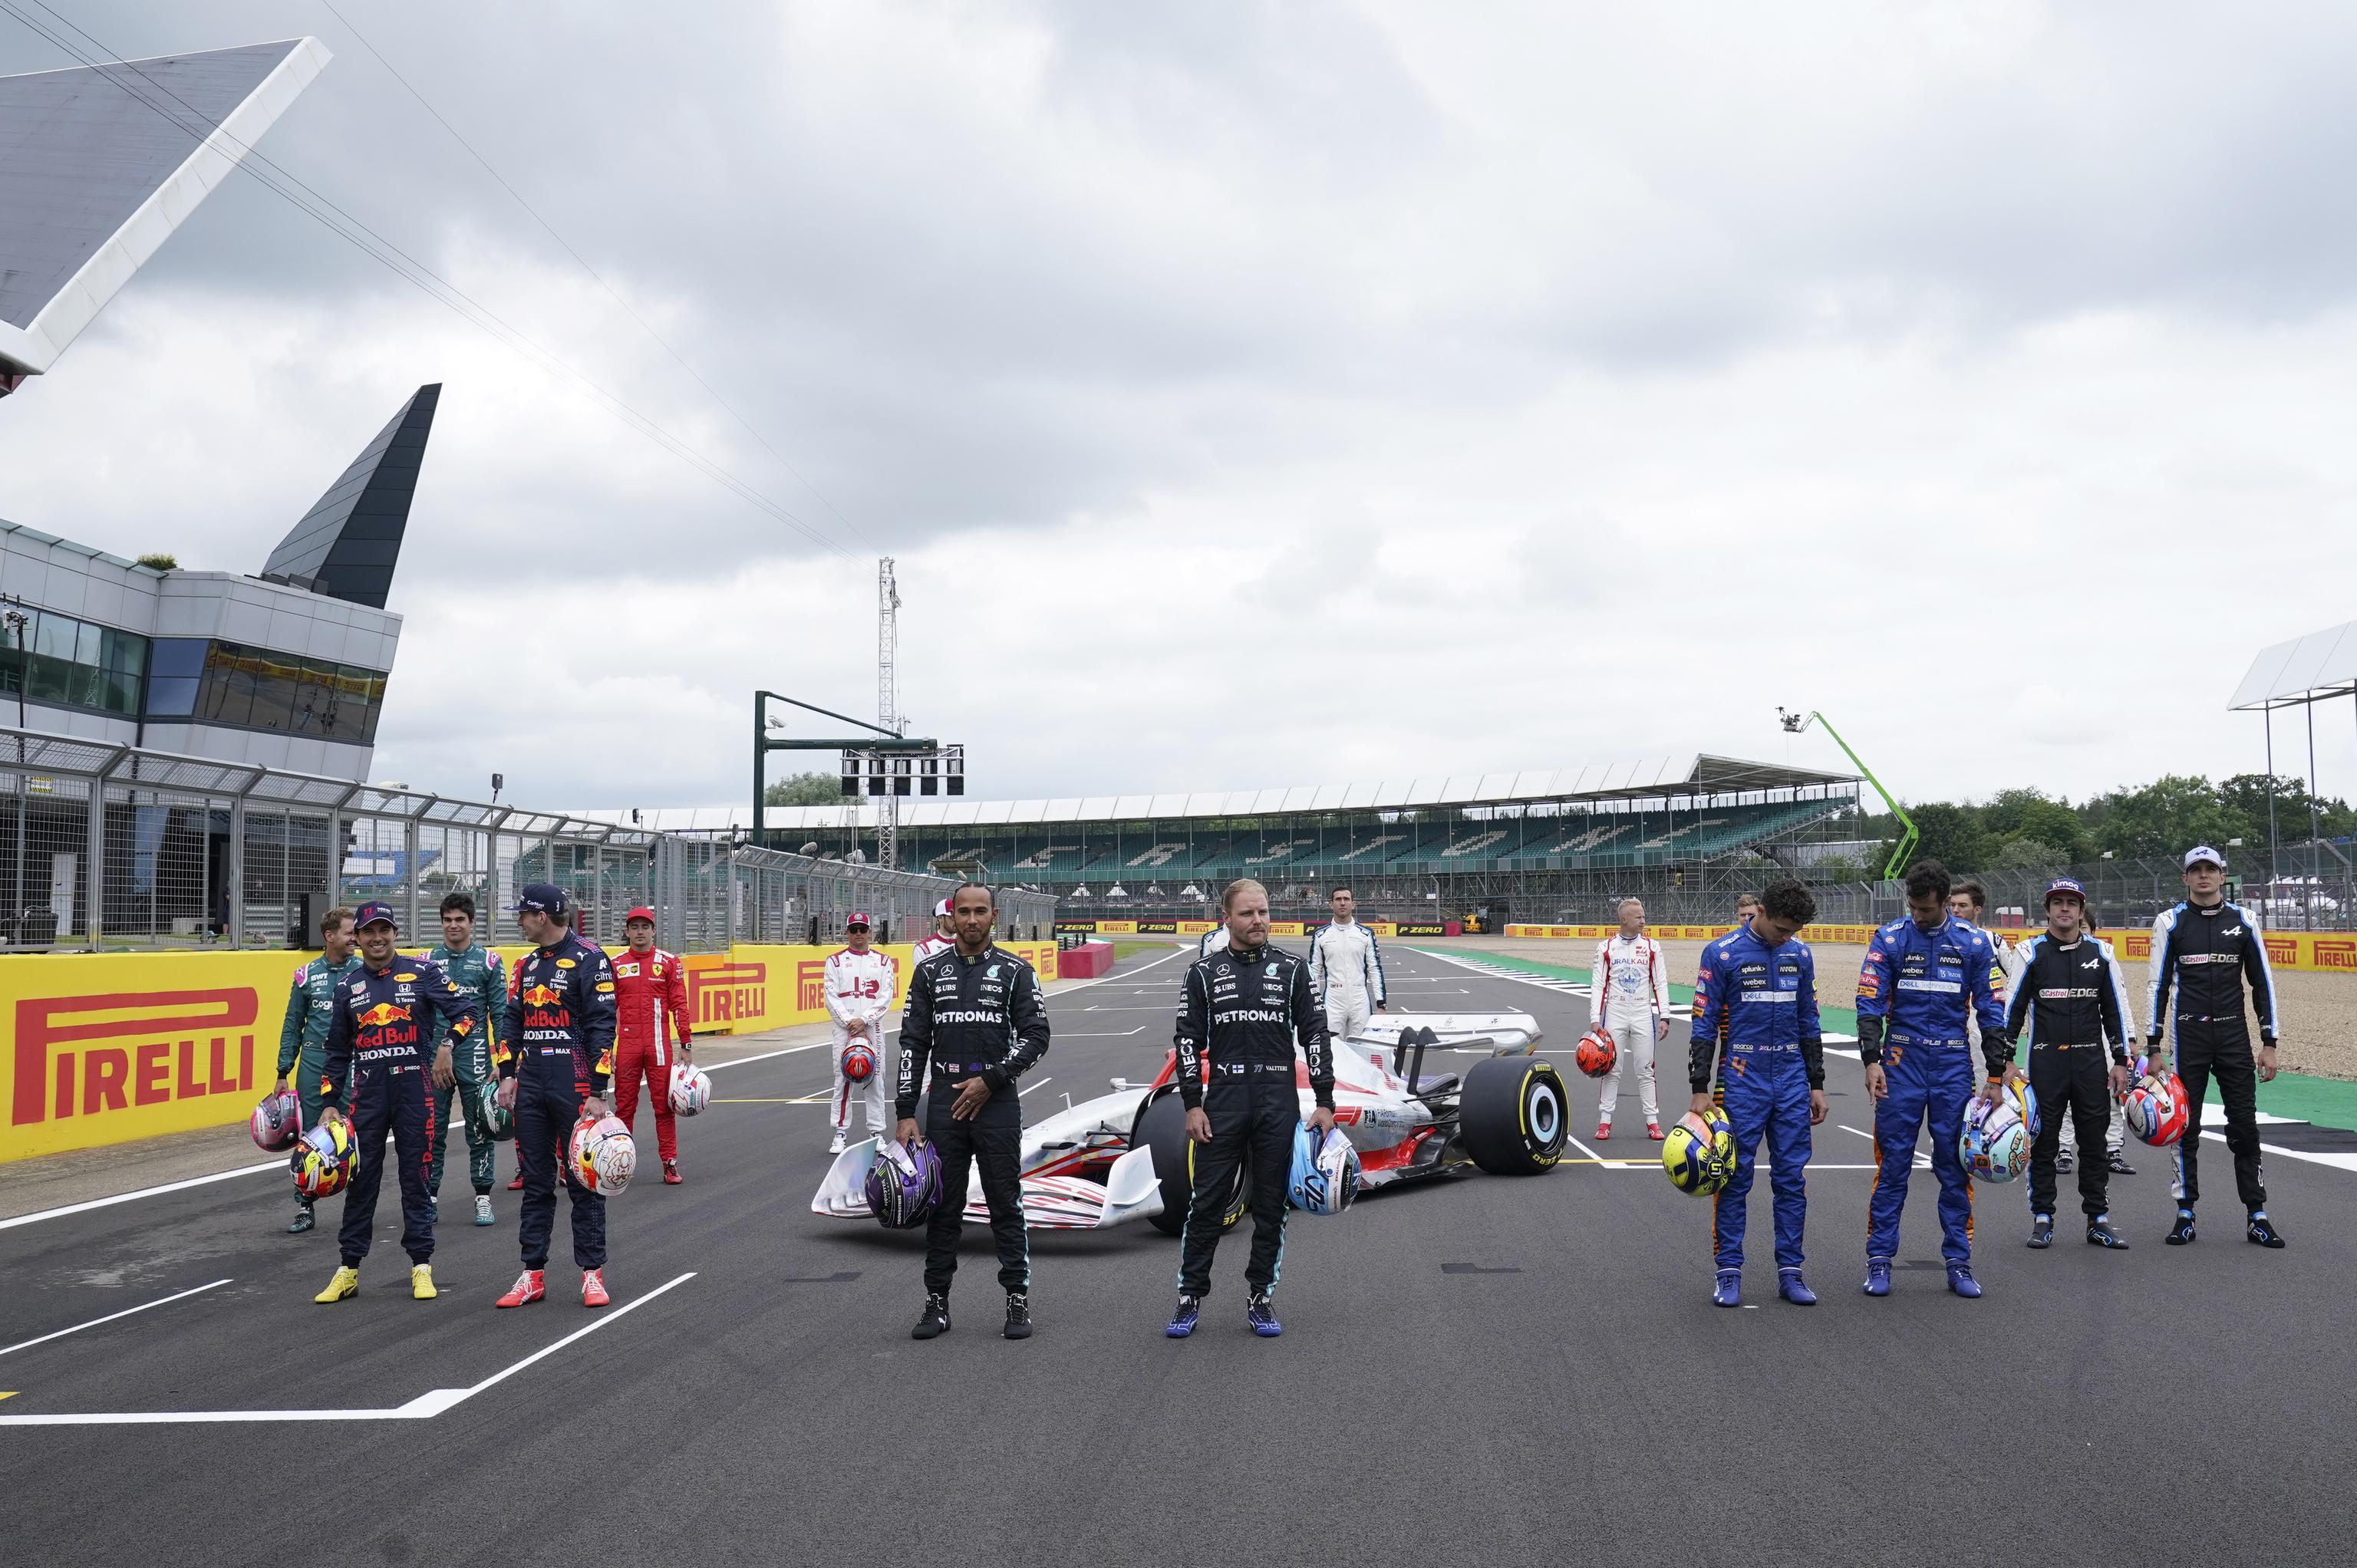 Los pilotos, en Silverstone, junto al coche con el que se correrá en 2022.